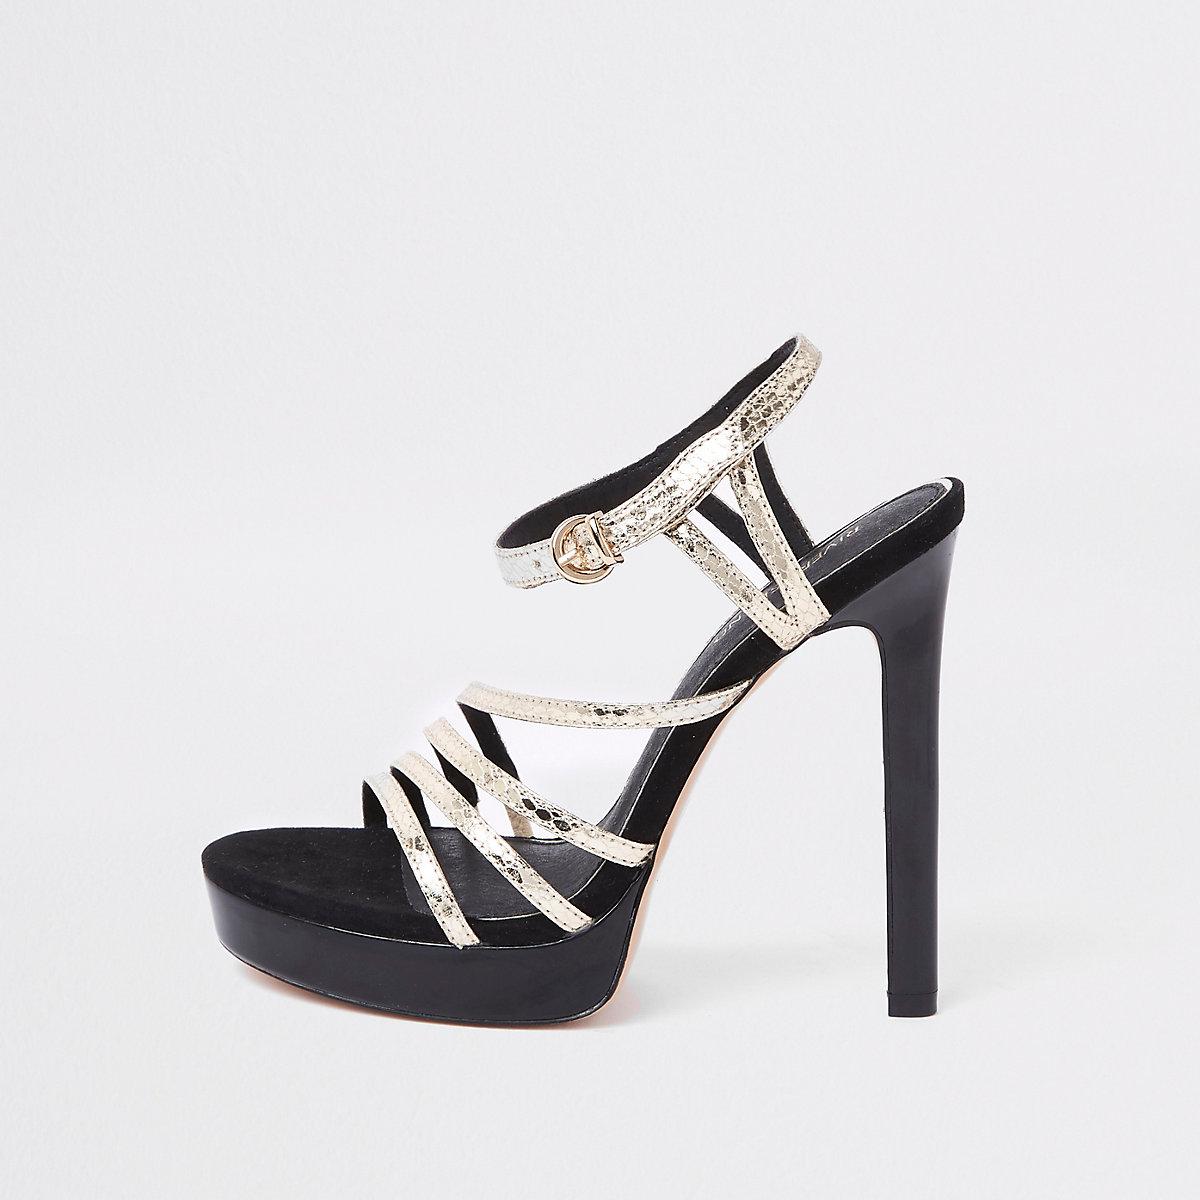 Black strappy metallic platform sandals